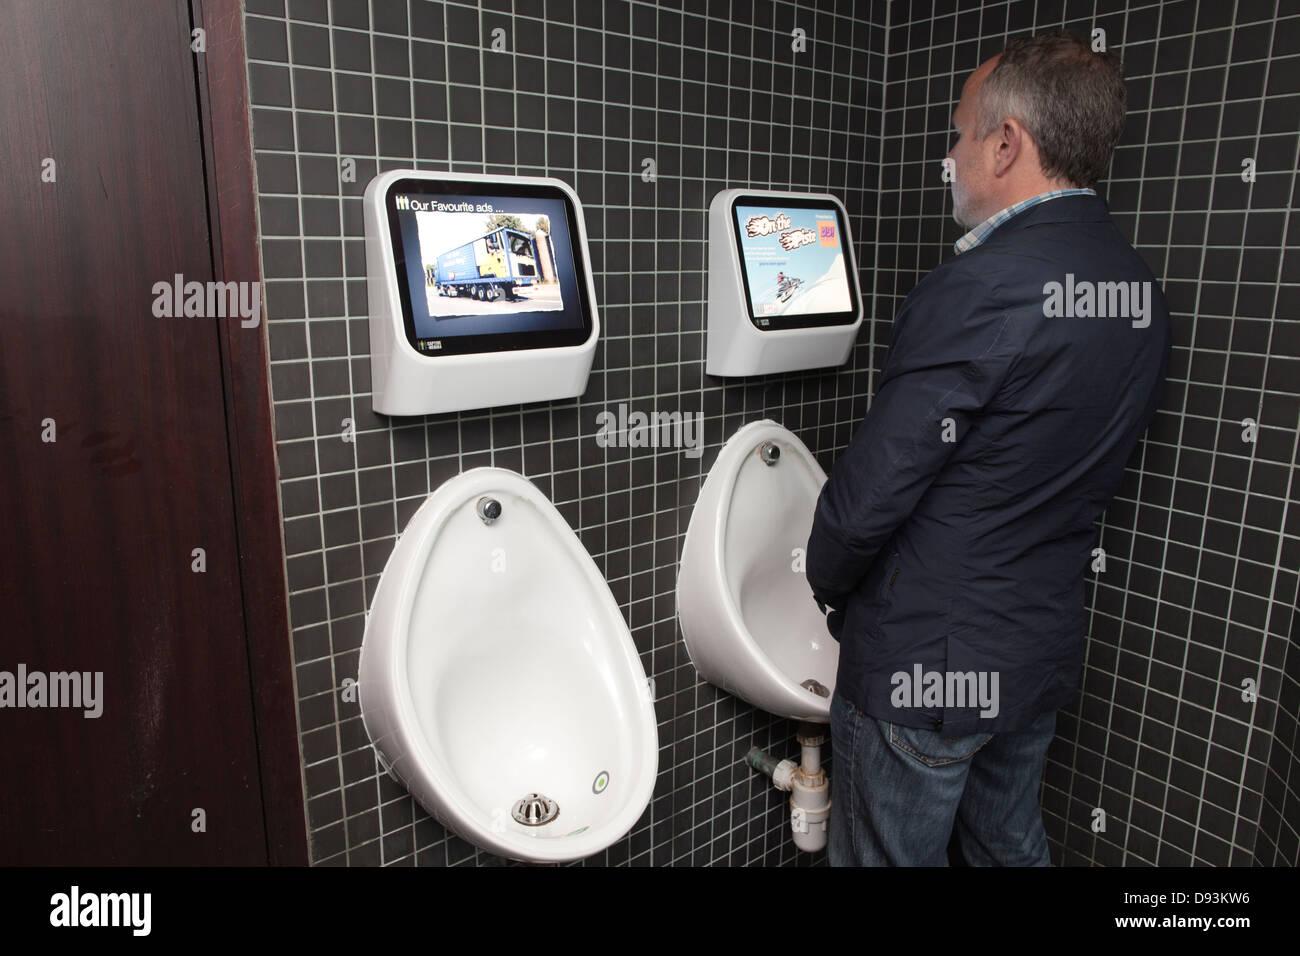 Des écrans de jeux vidéo au-dessus des urinoirs dans YO!Sushi, Pologne Street, London, England, Photo Stock